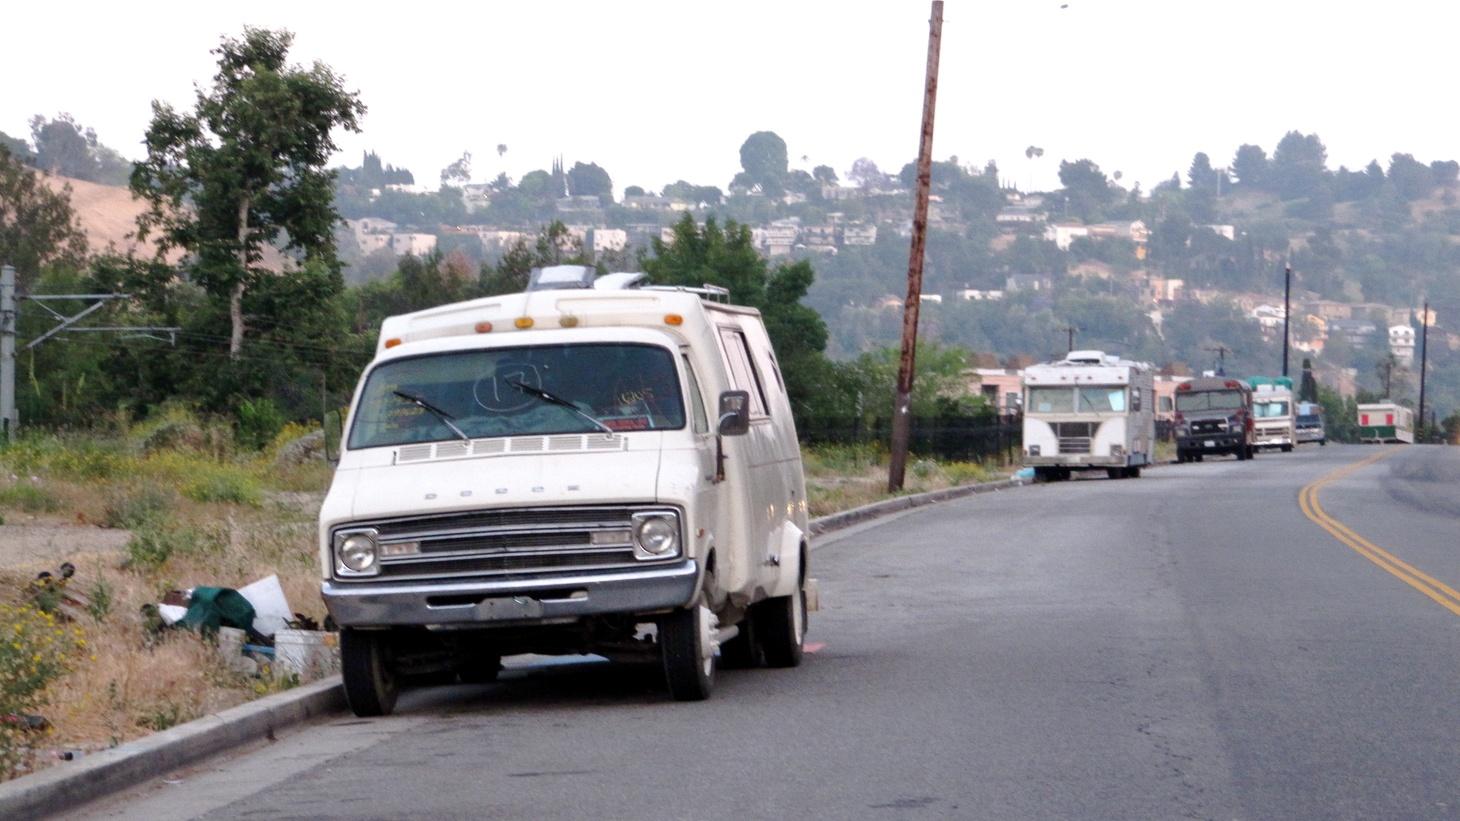 Camper vans along a street in LA.